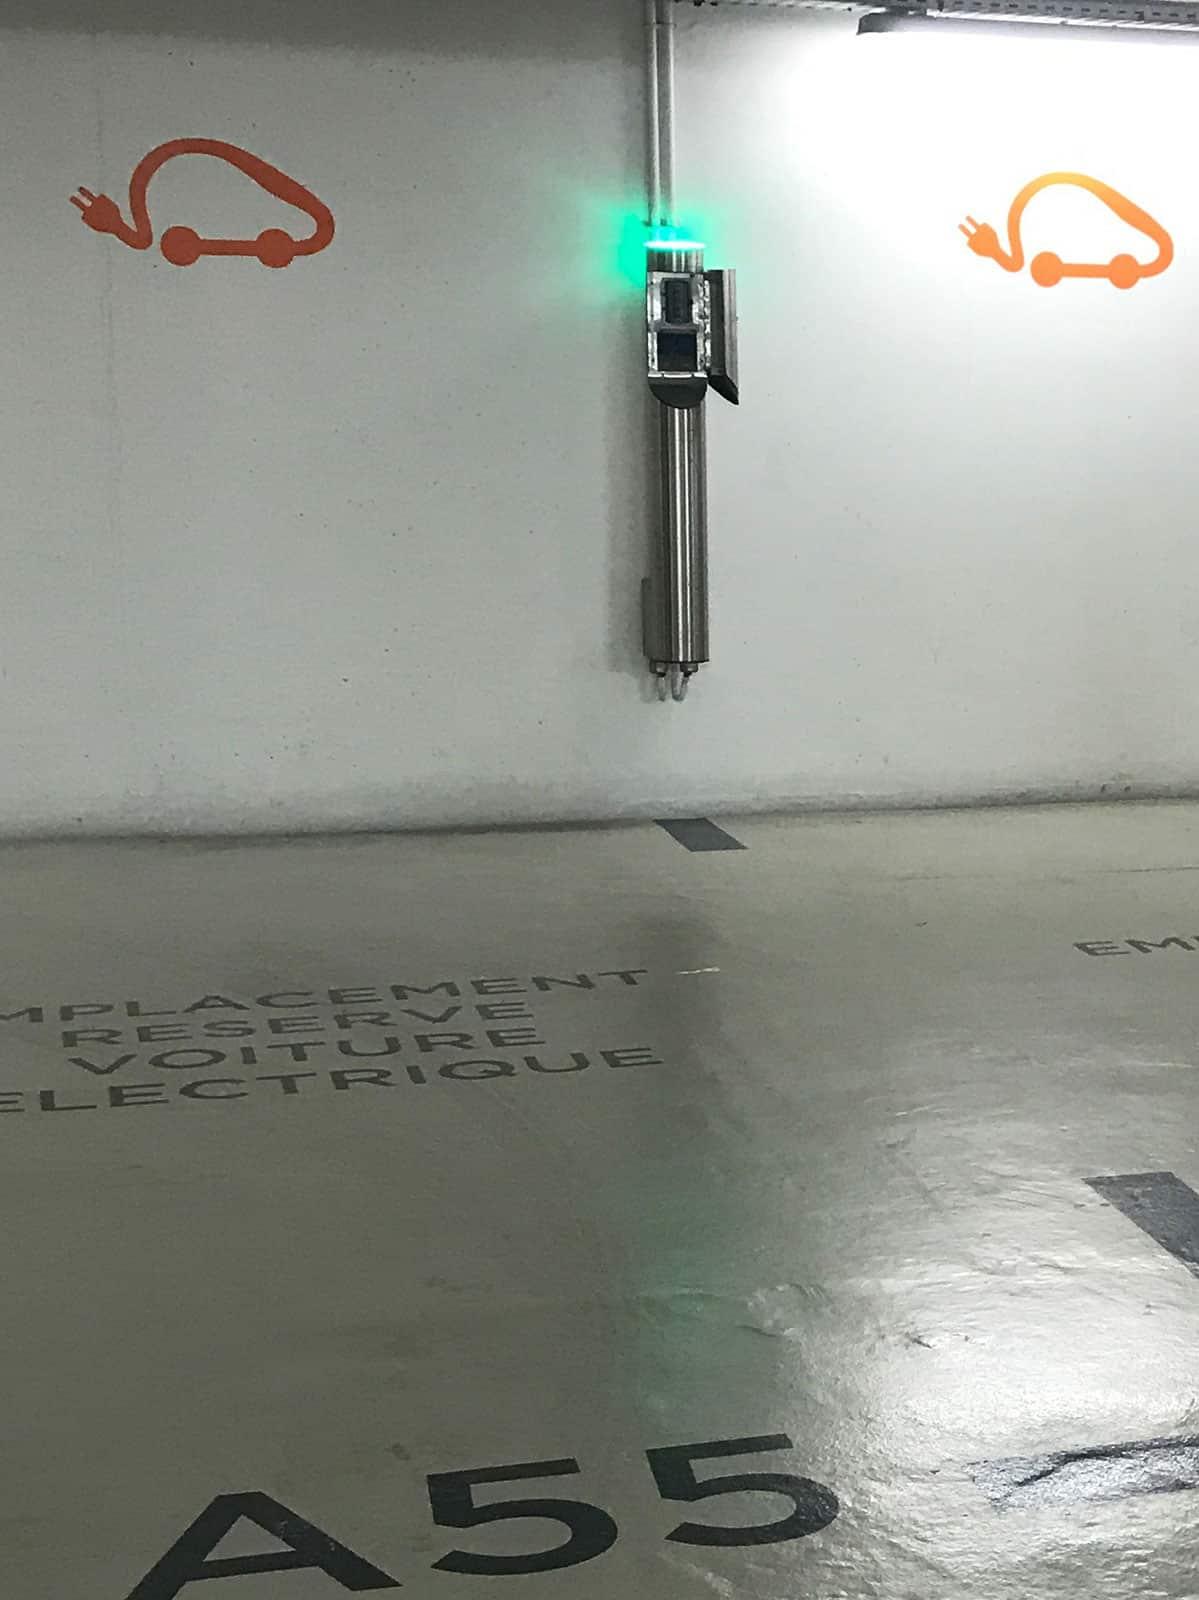 borne de recharge parking souterrain véhicule électrique Icade